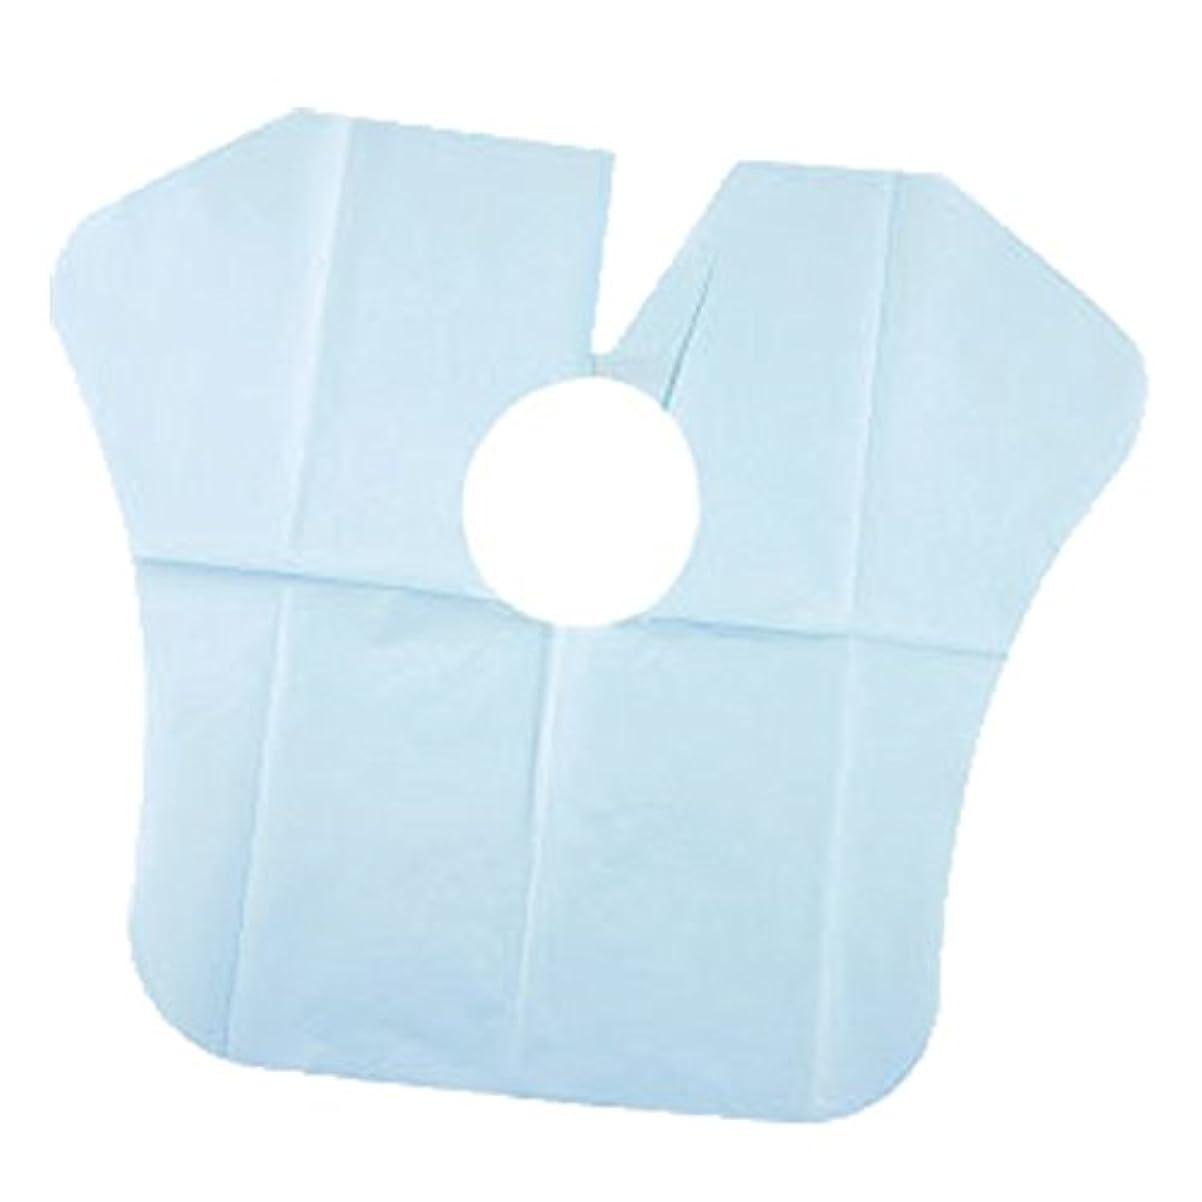 シーサイド手当好奇心盛ヨネコ ペーパーケープ 30枚入 不織布 ヘアダイクロスを汚れから守ります! YONECO